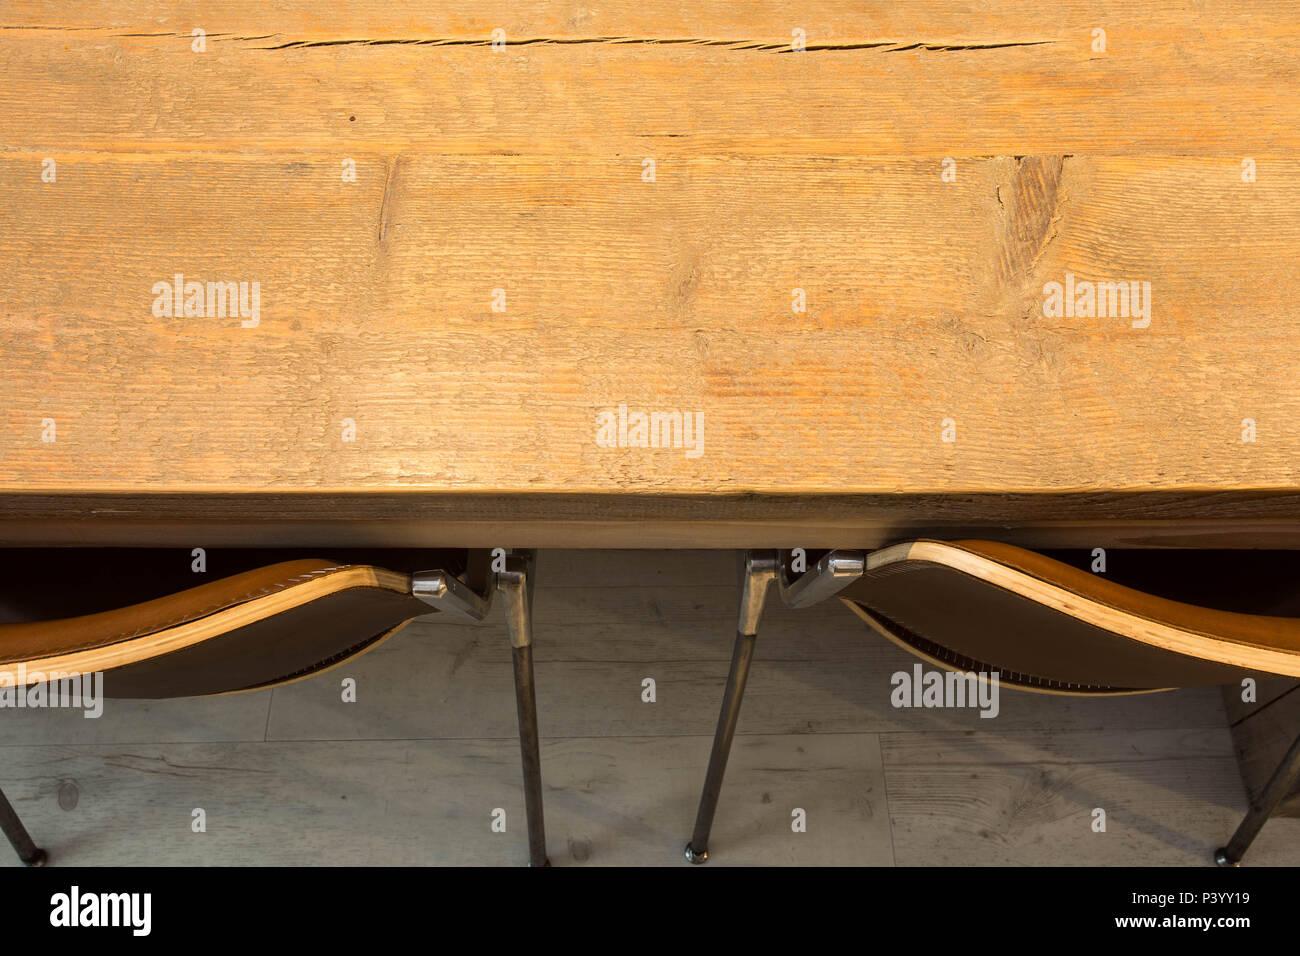 Sedie Moderne Design In Legno.Tavolo In Legno Con Sedie Moderne Vista Dall Alto Interior Design